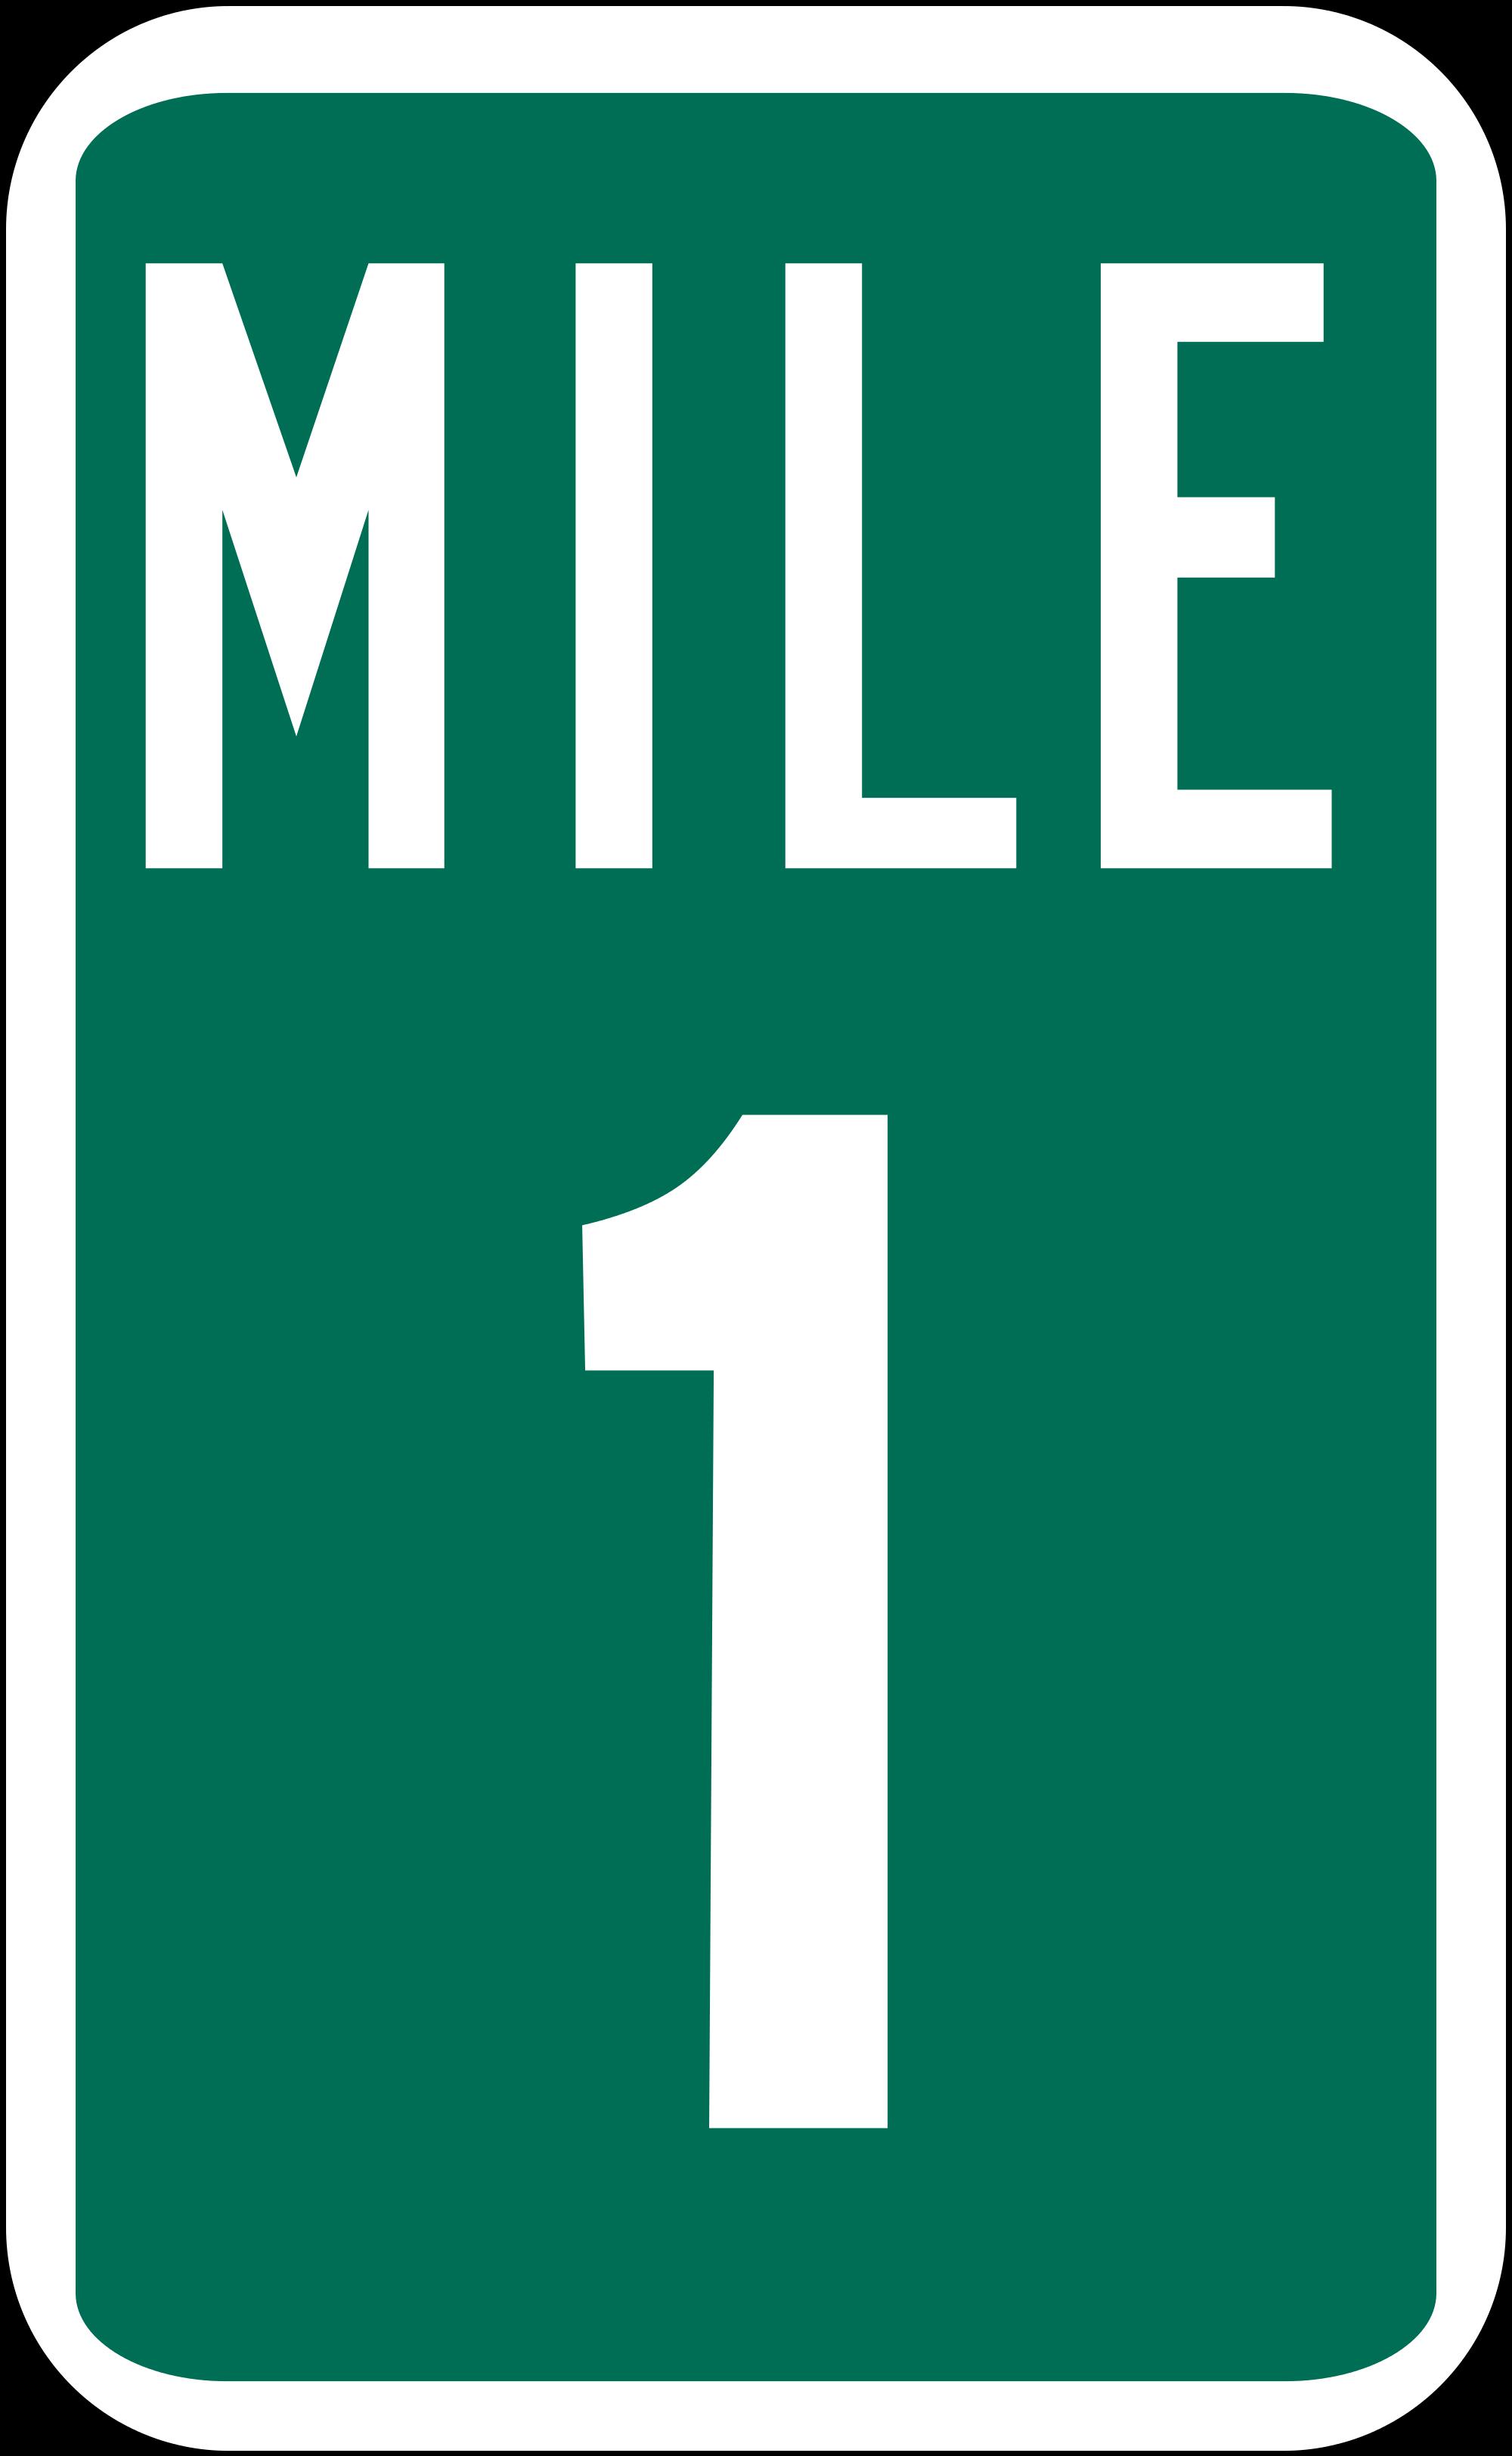 Сколько километров в миле?